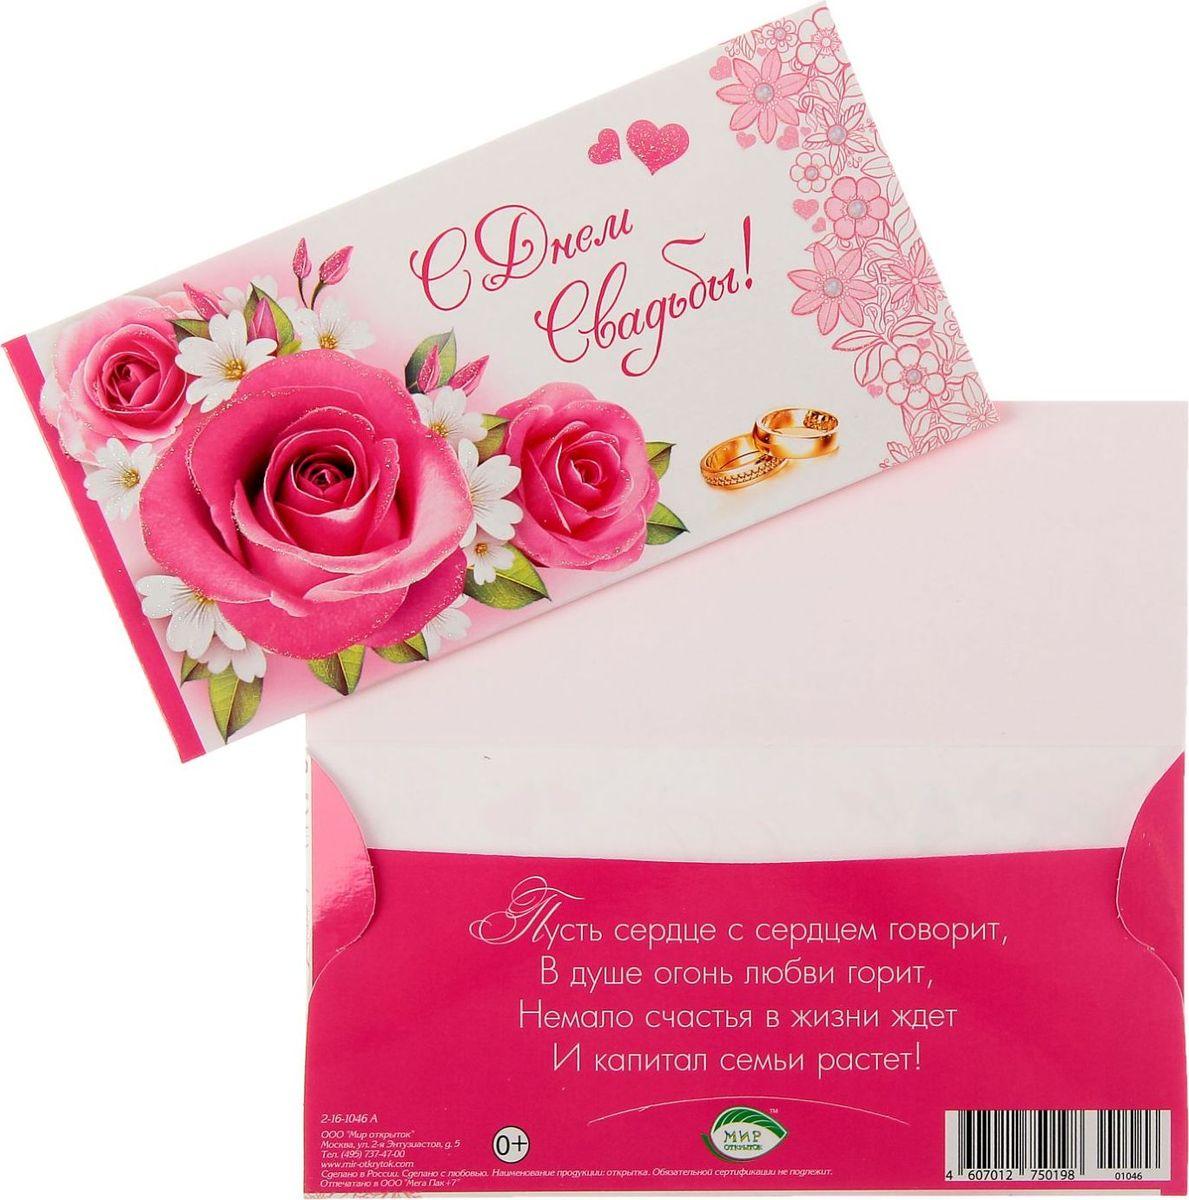 Конверт для денег Мир открыток С Днем Свадьбы! Розы, 16,4 х 8,4 см1216372Всем известно, что хороший подарок - это полезный подарок. А деньги уж точно не будут пылиться в дальнем углу шкафа. Их можно преподнести на любое торжество. Подберите для своего подарка оригинальный конверт и скорее дарите близким радость!Изделие изготовлено из плотного картона, поэтому вы можете не беспокоиться за целостность его содержимого.